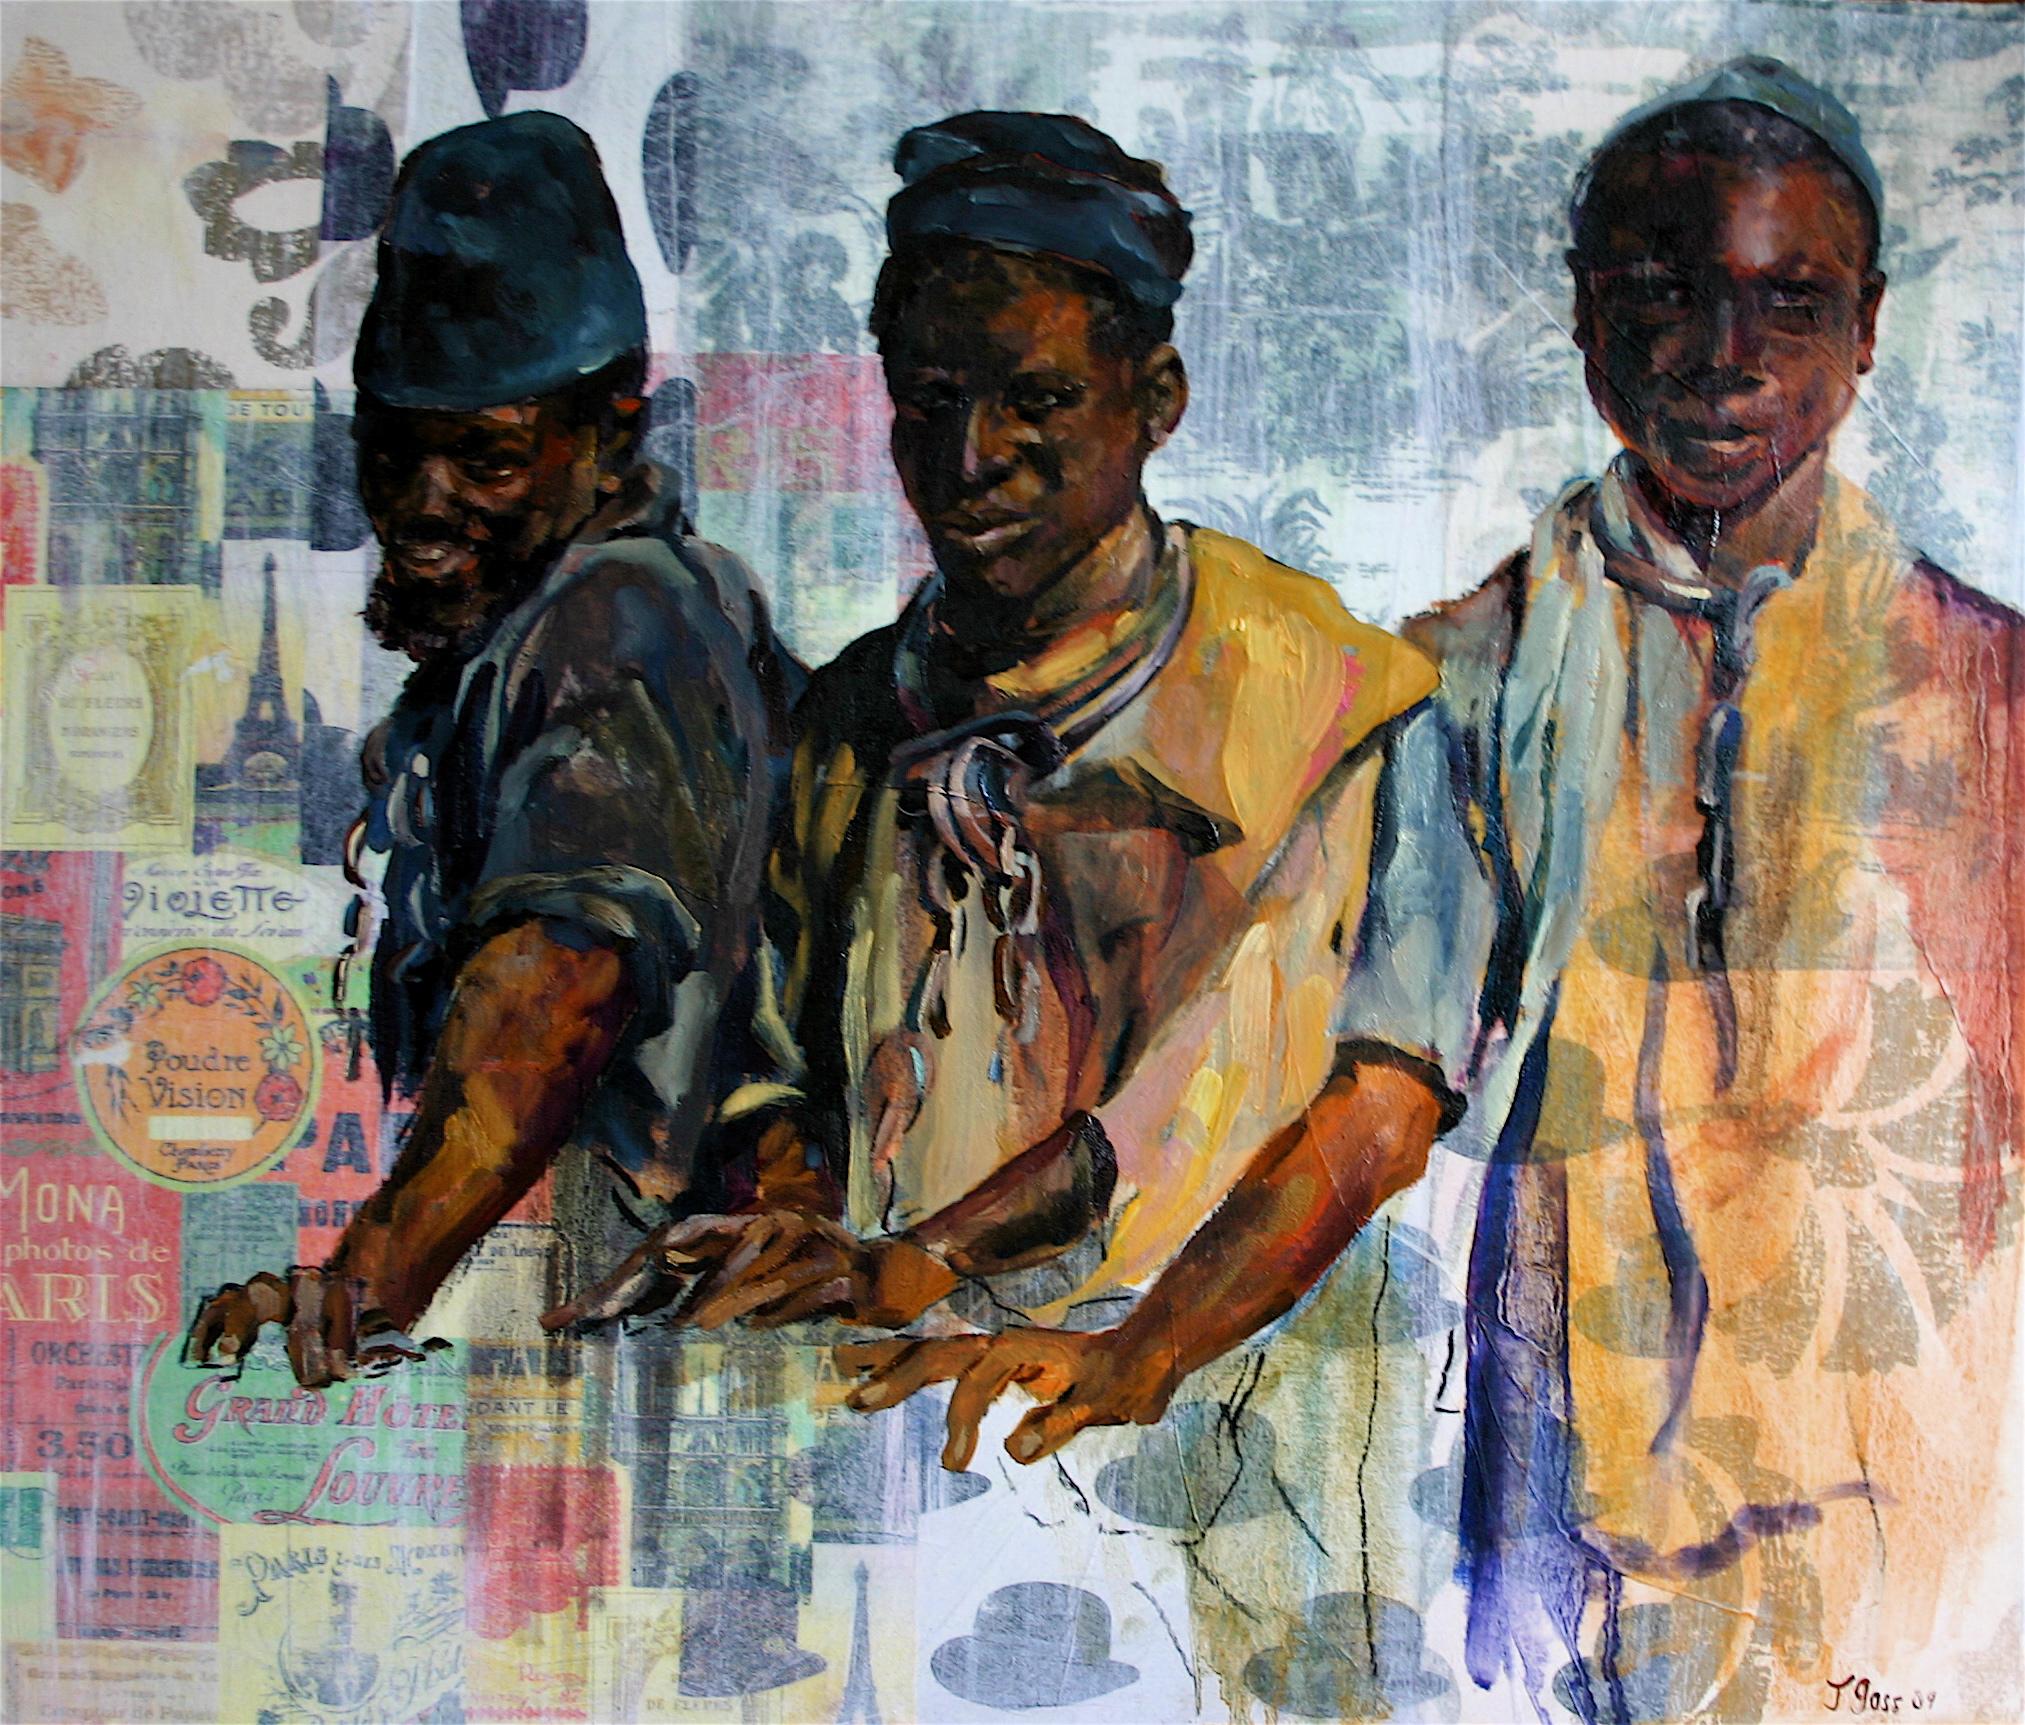 Meshach, Shadrach, and Abednigo